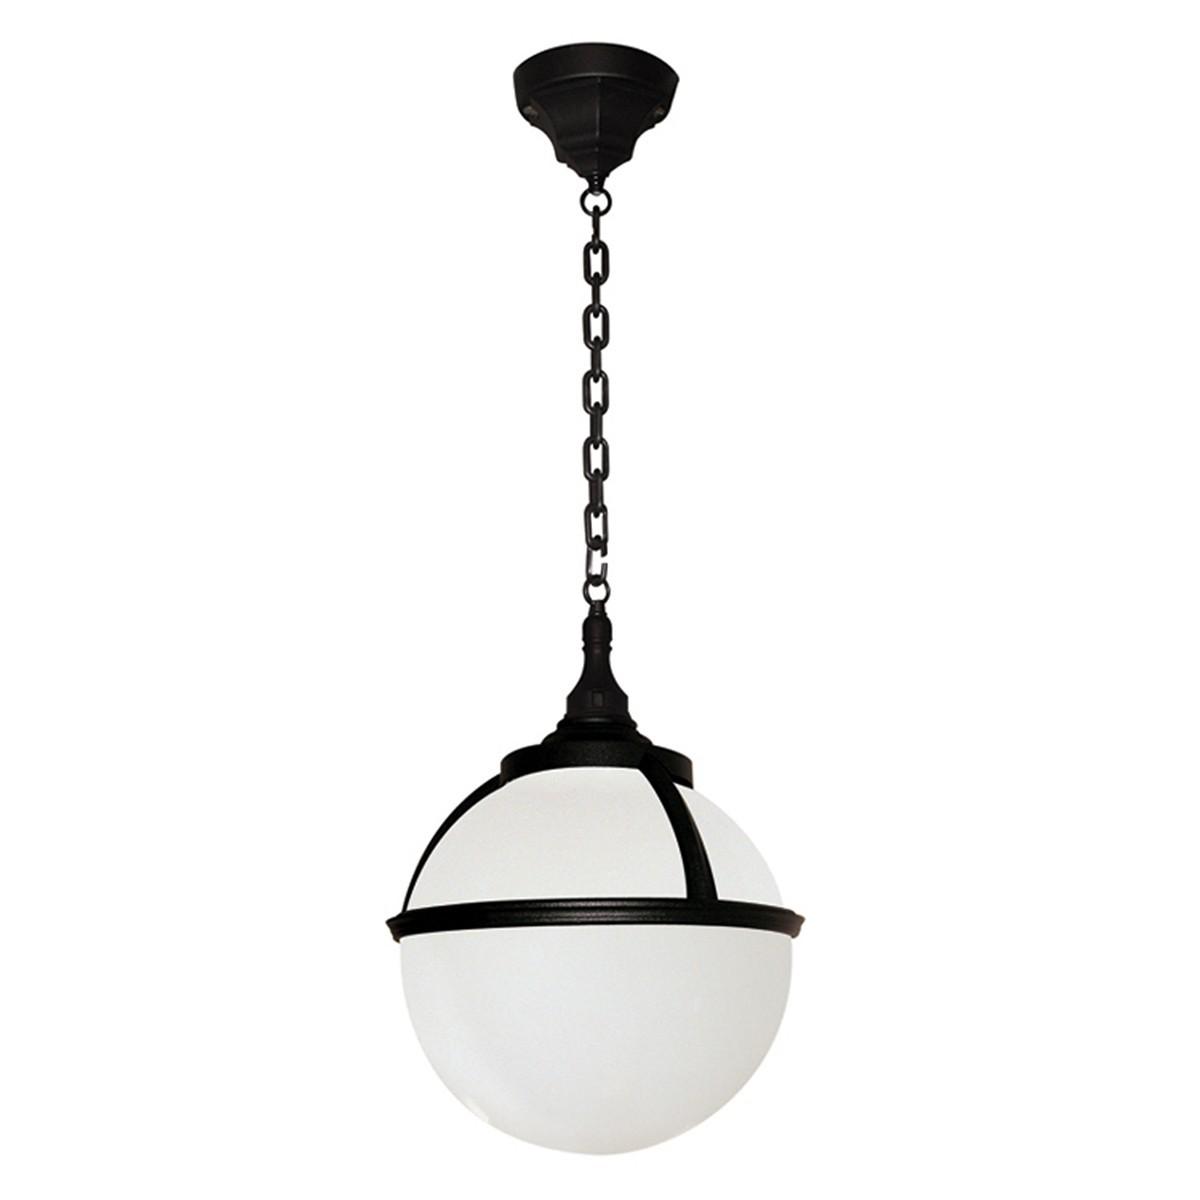 Lampa na balkon, gdzie i jak zamontować